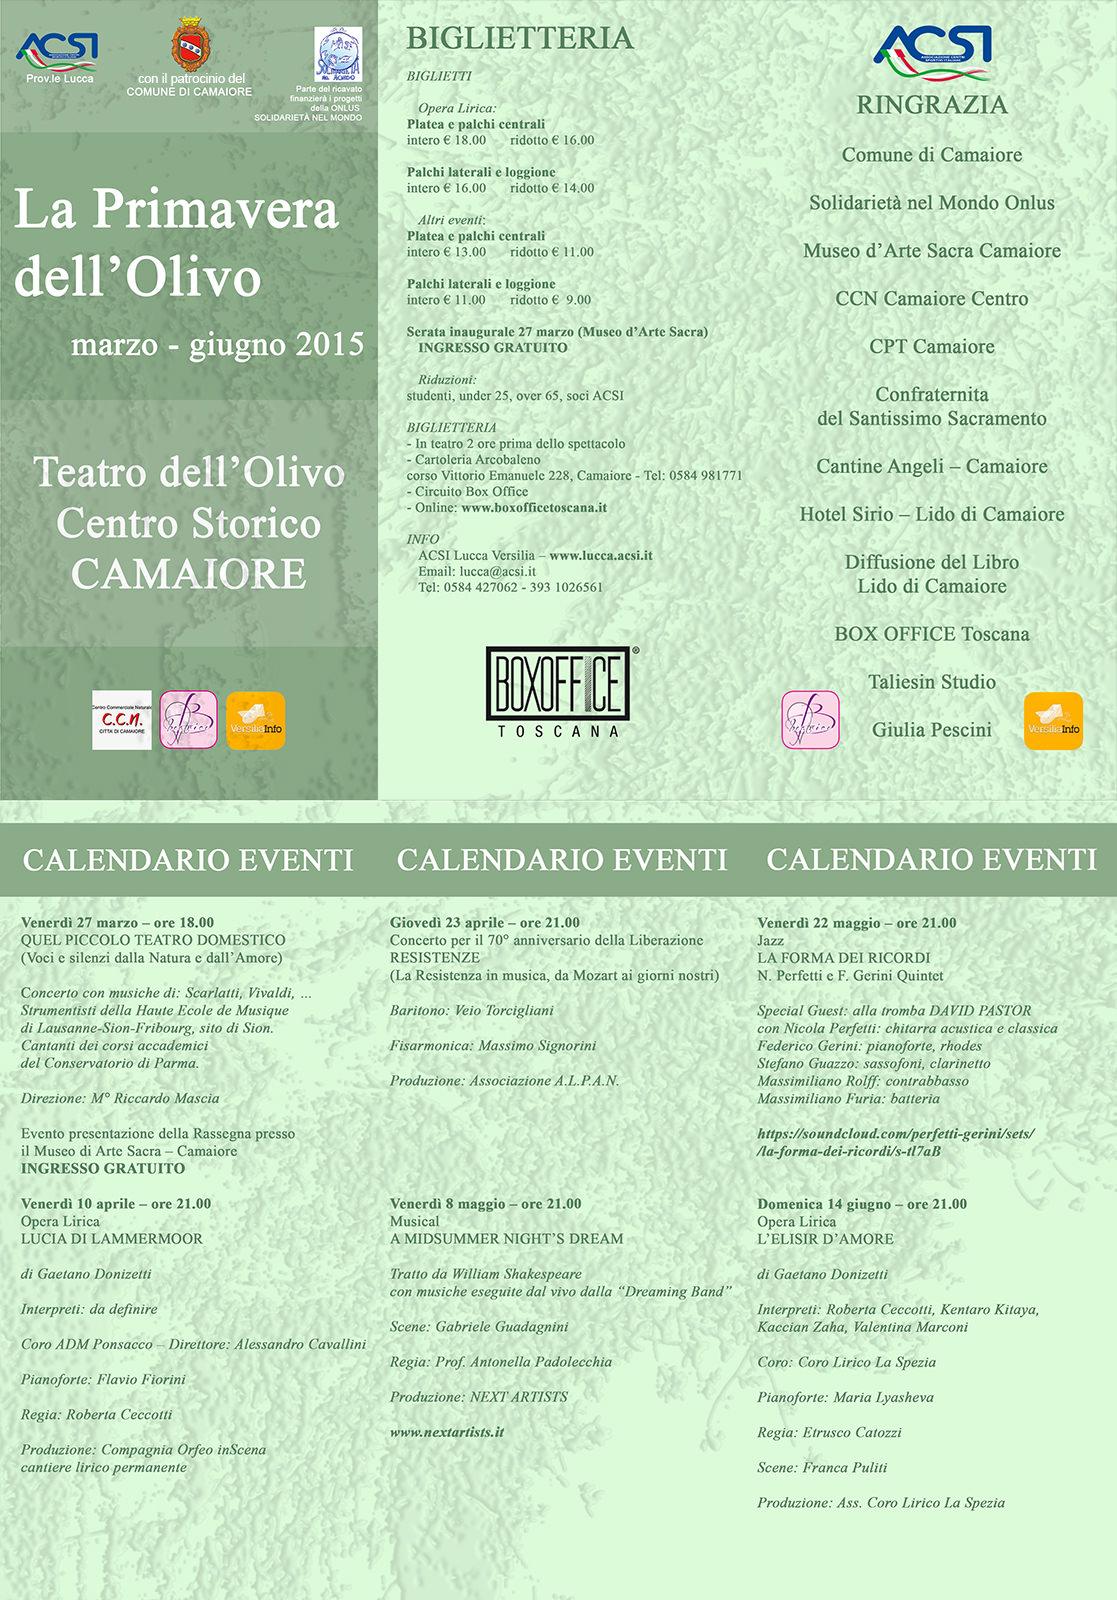 La Primavera dell'Olivo. Al via la rassegna di teatro musicale indipendente